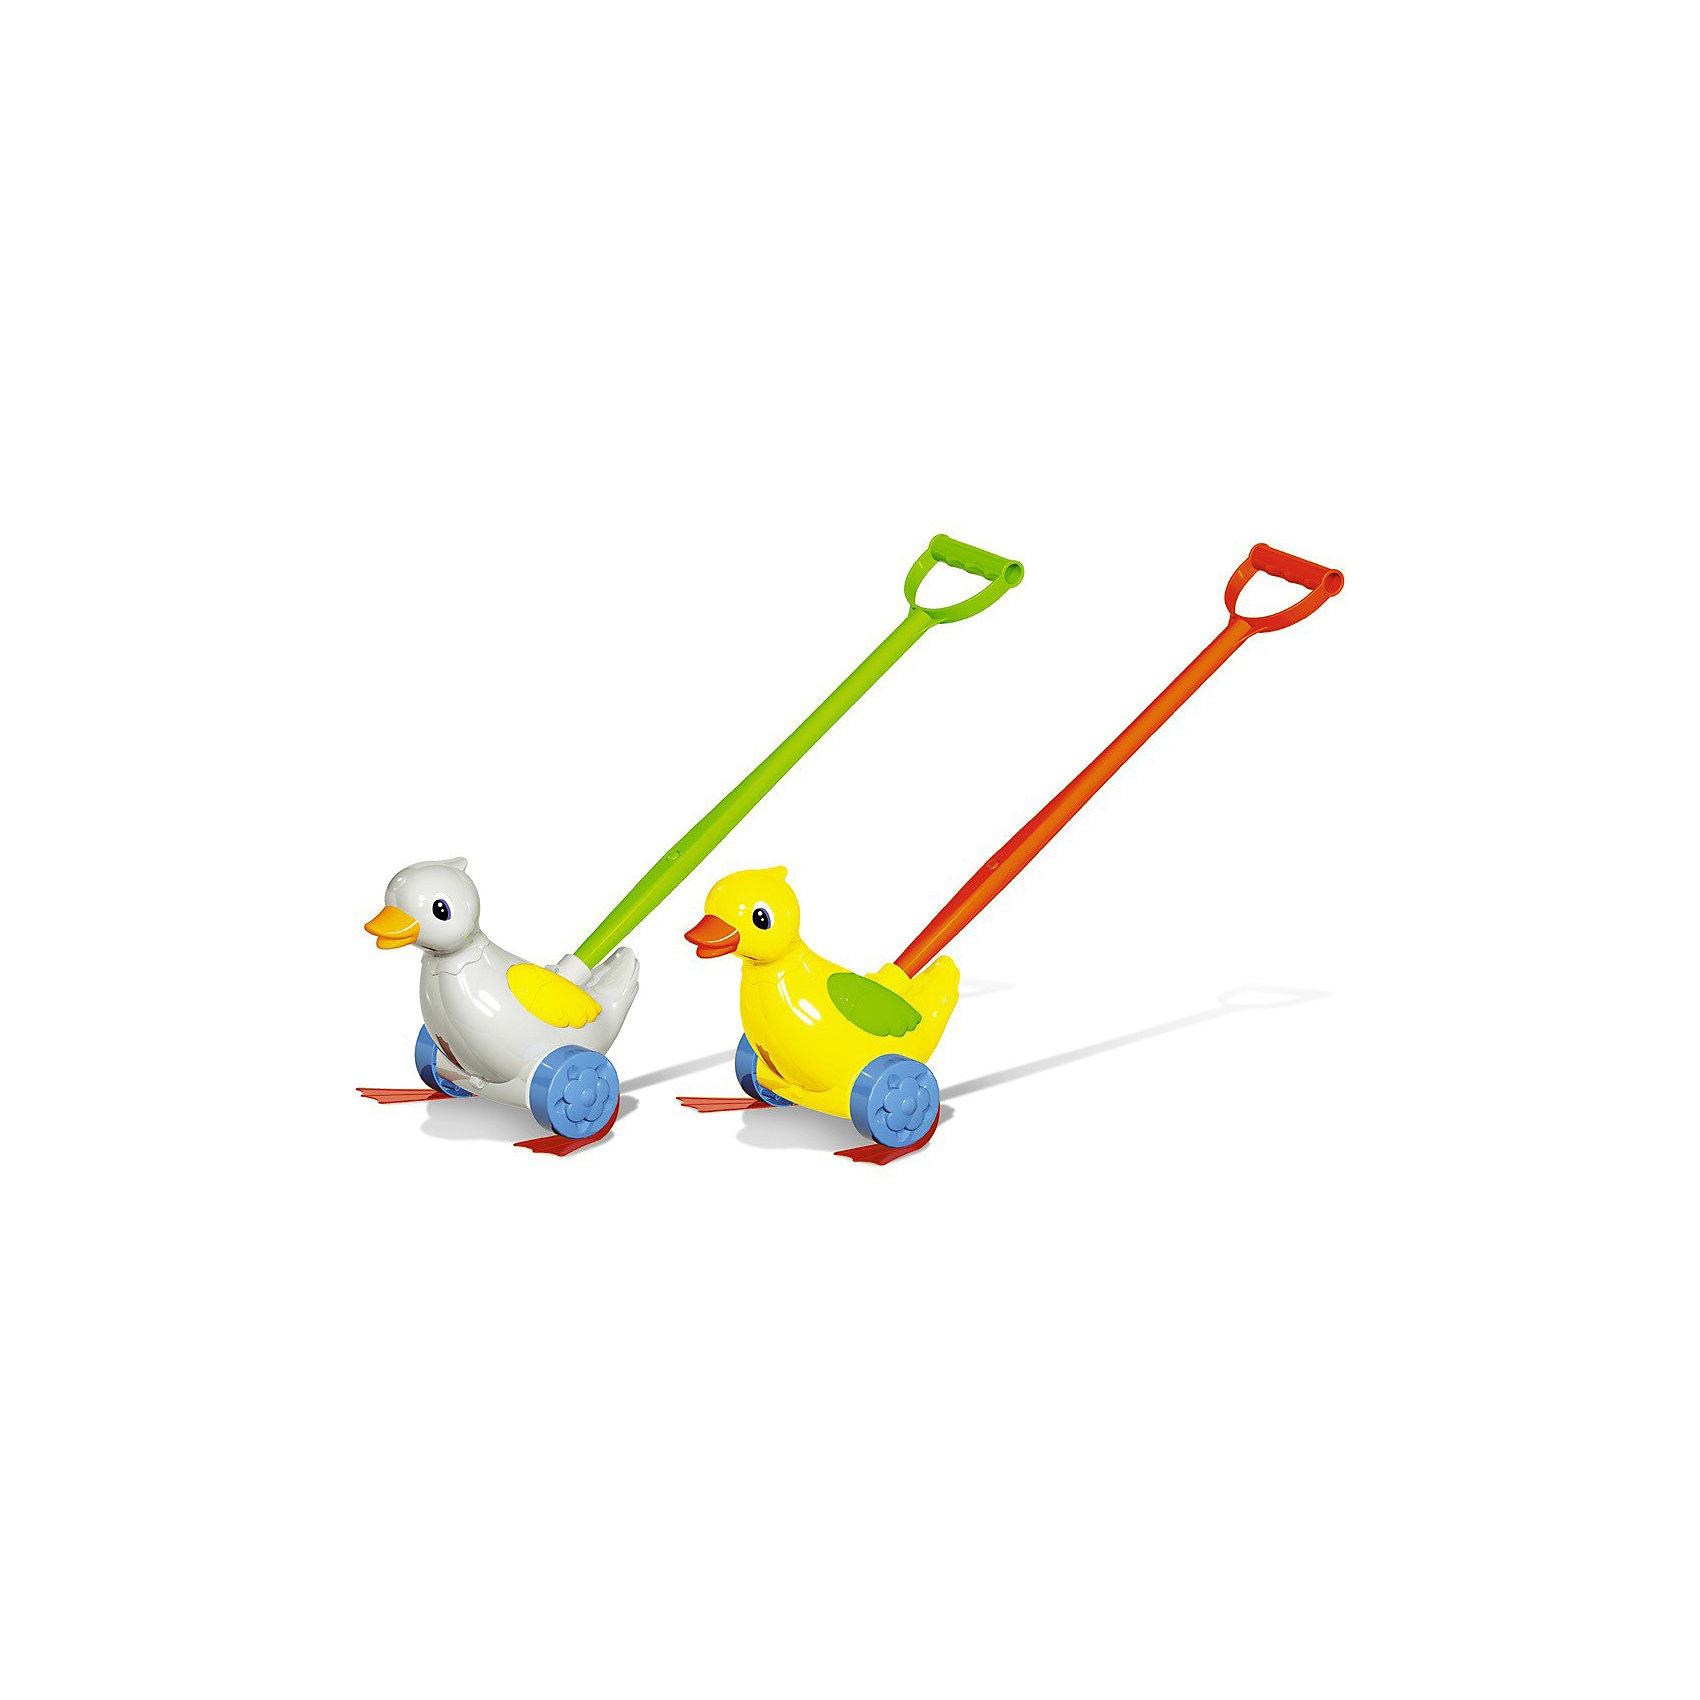 Каталка Уточка, СтелларИгрушки-каталки<br>Когда малыш делает первые шаги, ему всегда приятно, что кто-то есть рядом. Особенно если этот кто-то веселый и цветной.<br><br>Каталка представляет собой уточку, к которой крепится ручка-держатель.<br>При движении уточка шагает лапками по  полу.<br>Игрушка стимулирует малыша к активным действиям и движению.<br><br>Материал: пластмасса<br><br>ВНИМАНИЕ! Данный артикул имеется в наличии в разных цветовых исполнениях. К сожалению, заранее выбрать определенный цвет невозможно. При заказе нескольких позиций возможно получение одинаковых.<br><br>Ширина мм: 300<br>Глубина мм: 220<br>Высота мм: 220<br>Вес г: 520<br>Возраст от месяцев: 6<br>Возраст до месяцев: 24<br>Пол: Унисекс<br>Возраст: Детский<br>SKU: 3235139